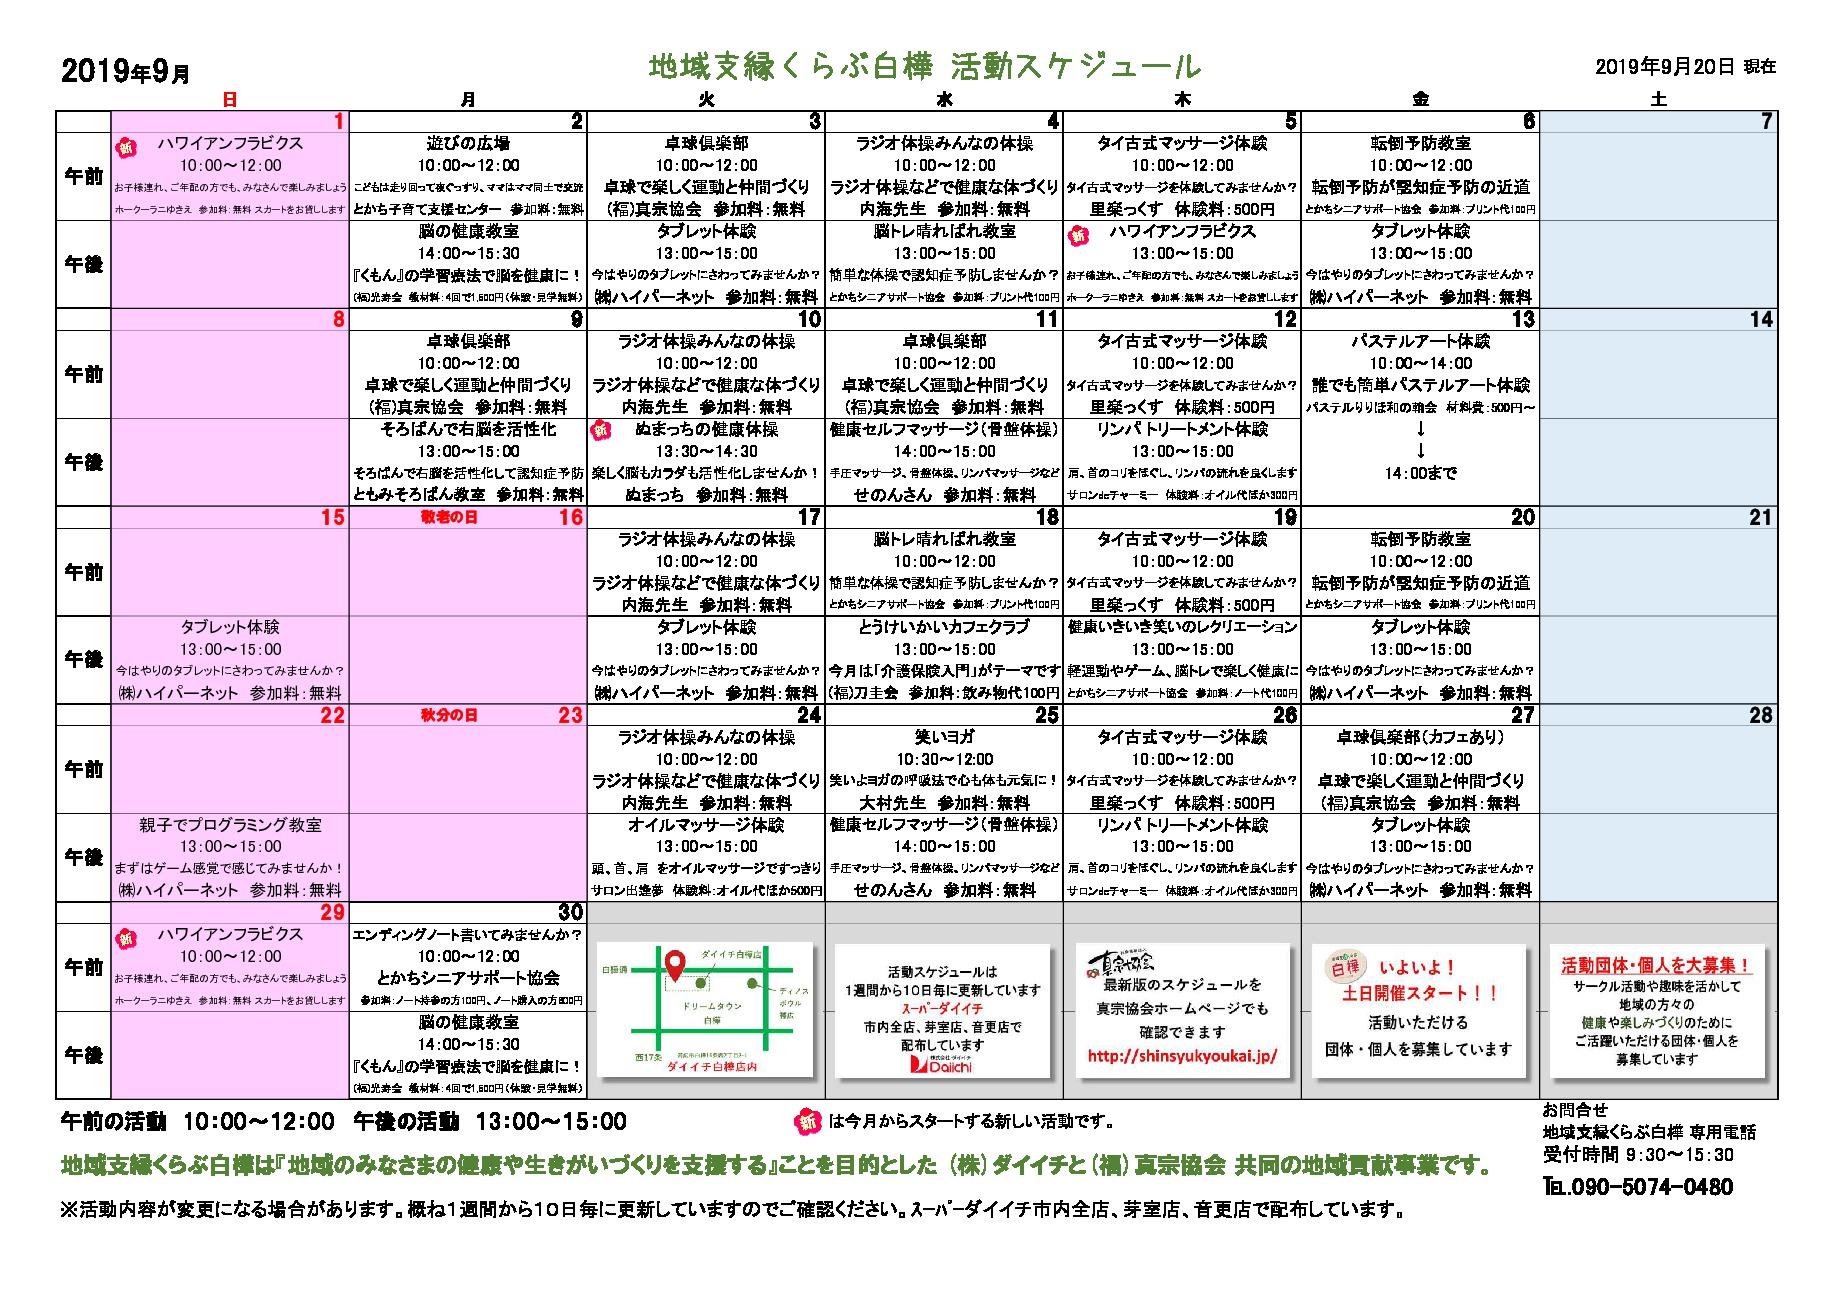 2019活動スケジュール9(2019.9.20付)のサムネイル